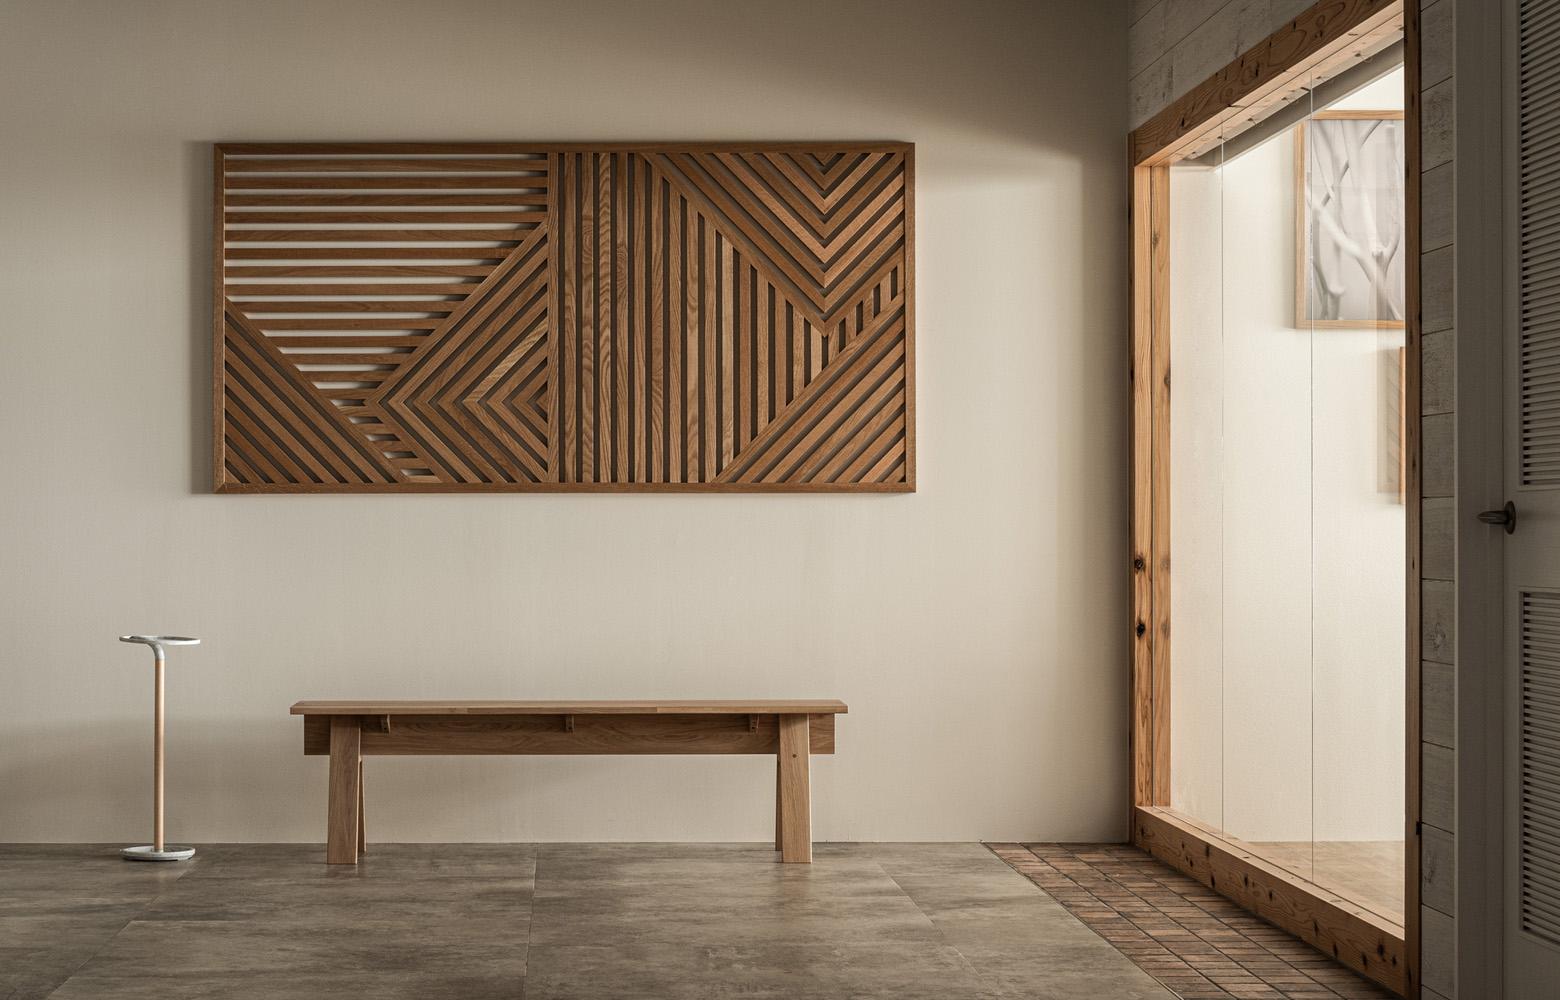 株式会社バリューファースト Bench Space デザイン・レイアウト事例